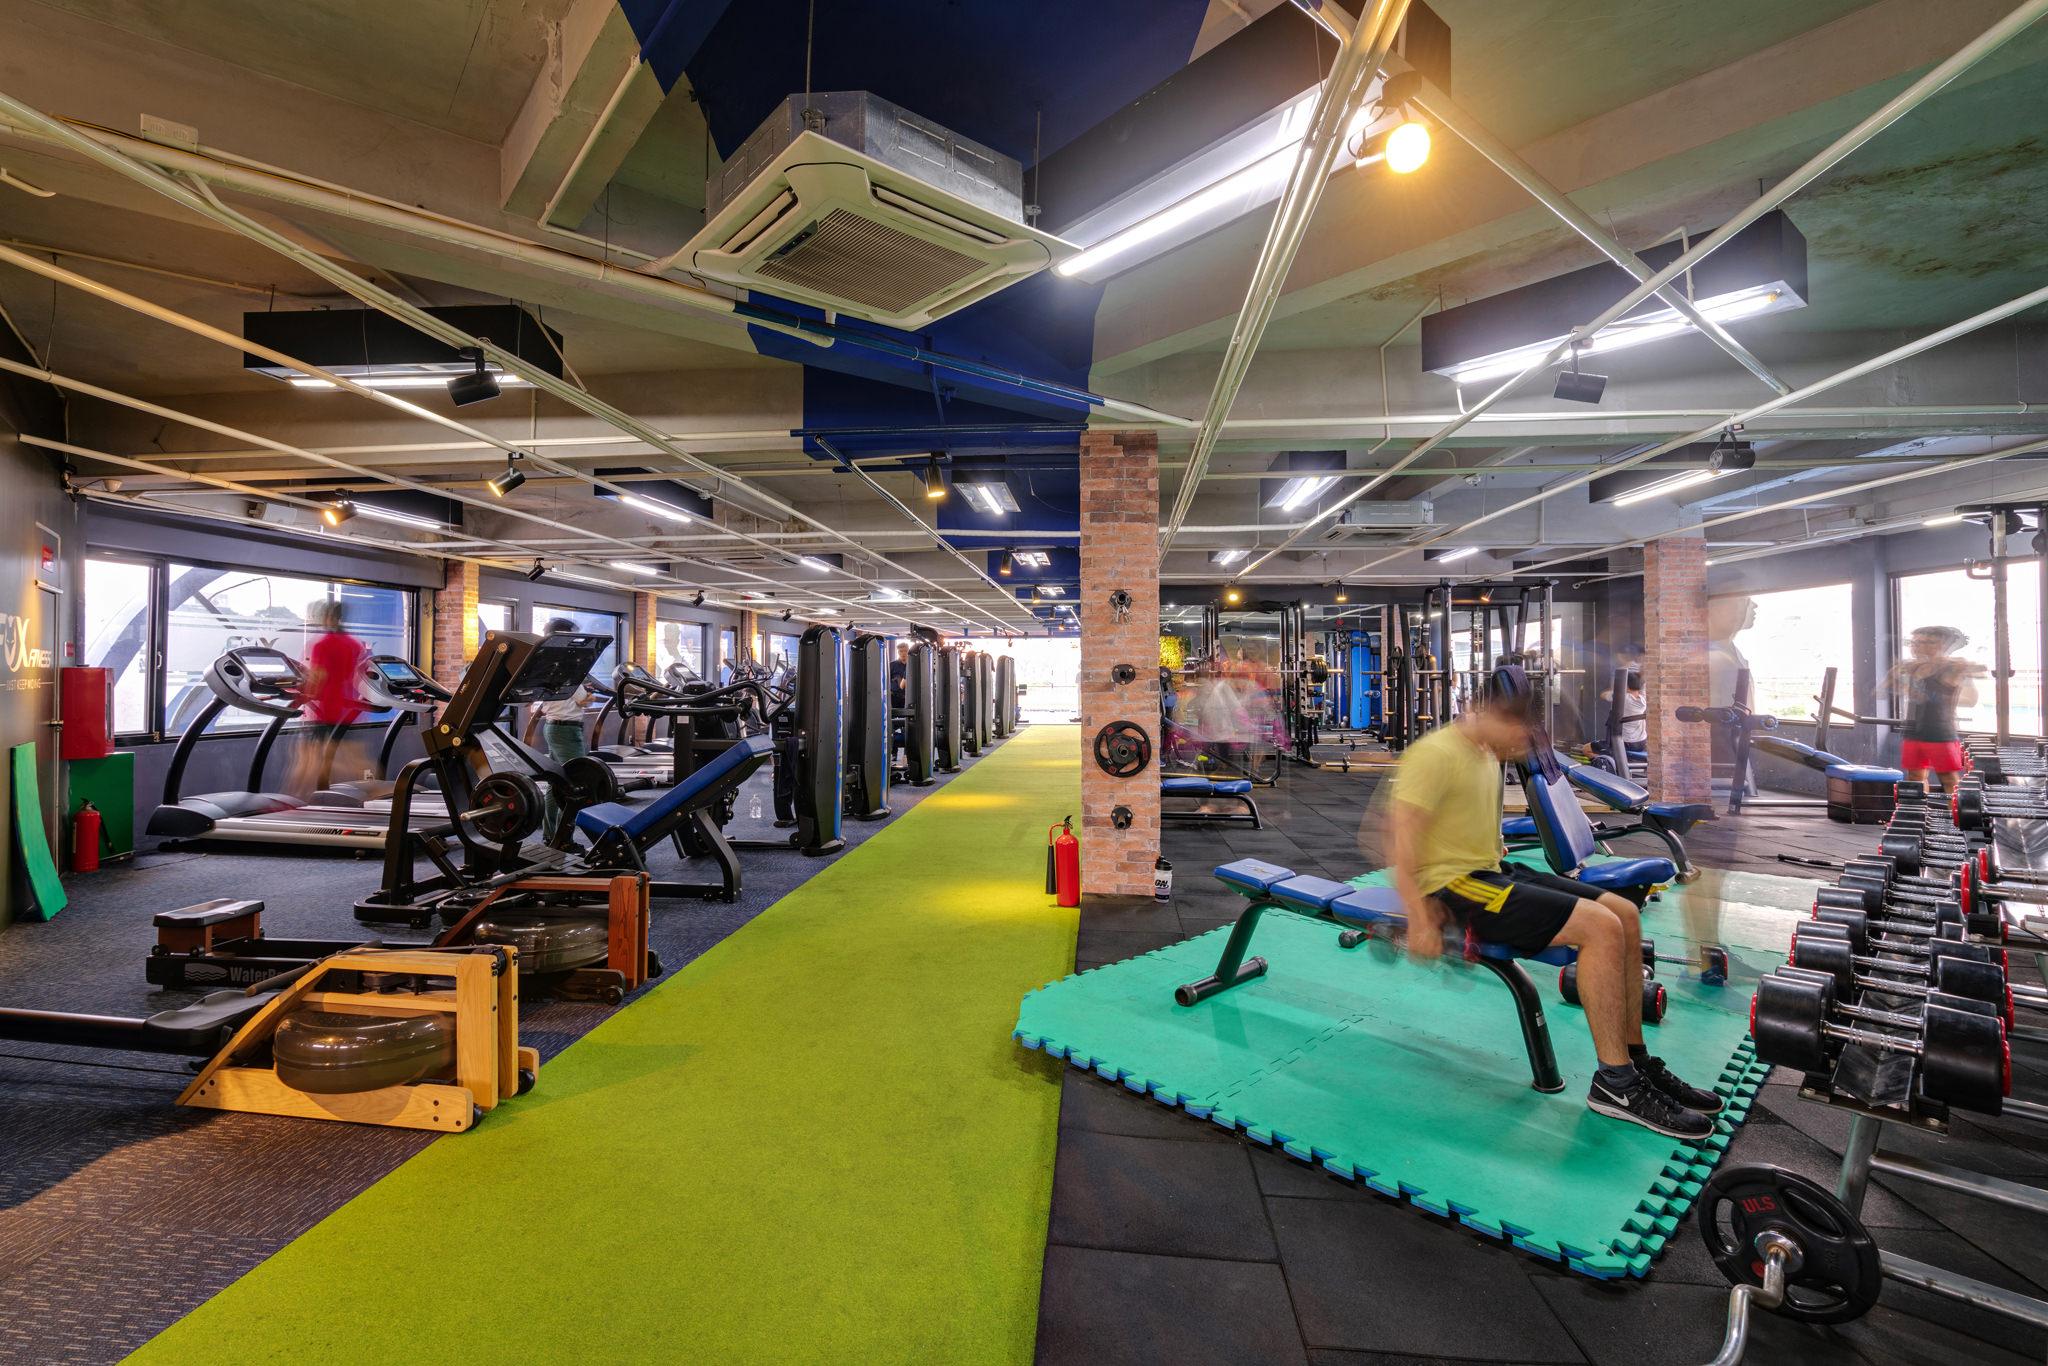 20180504 - Fox fitness - Interior - 07.jpg